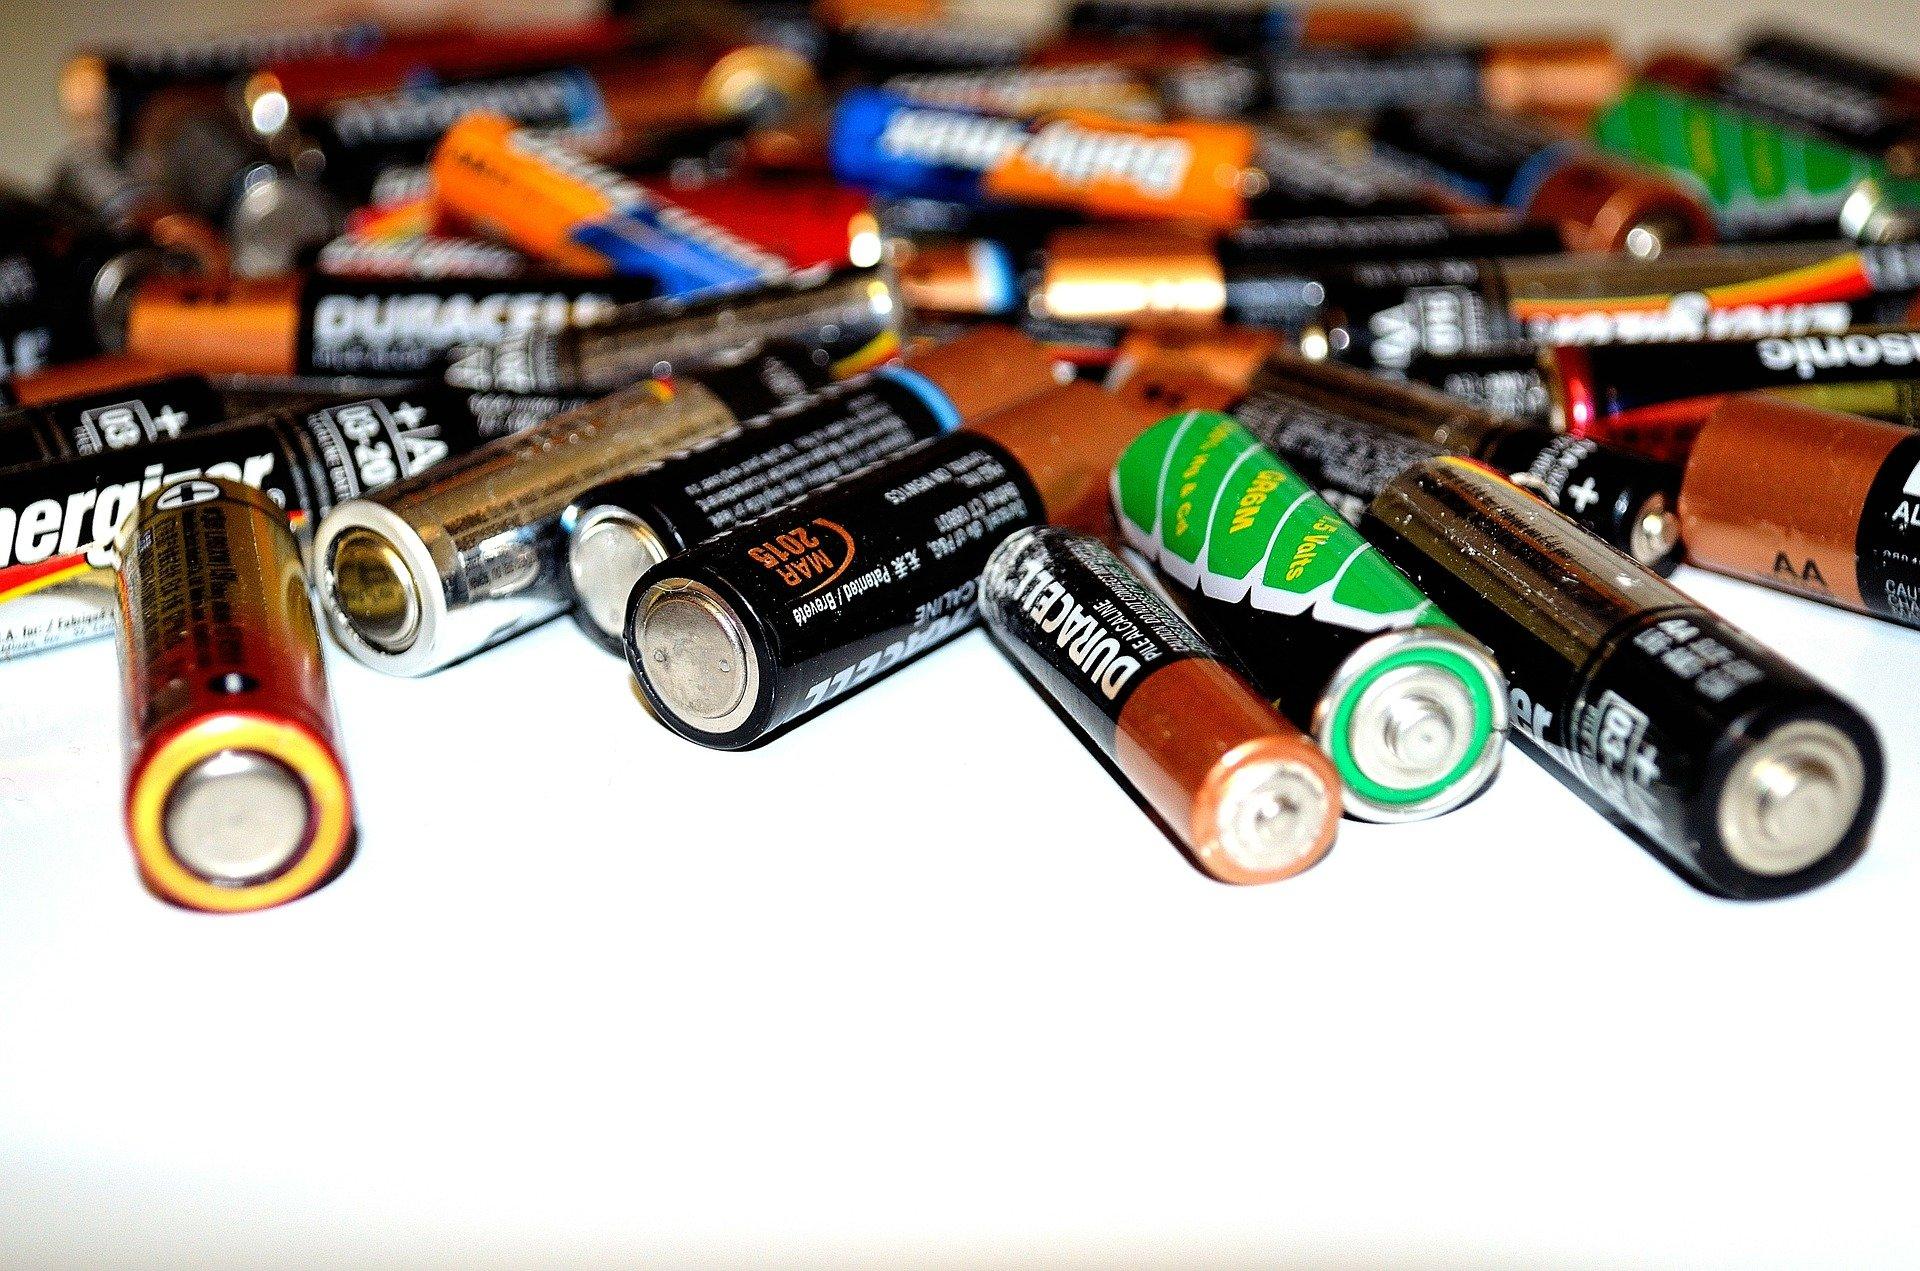 batérie a ich recyklovanie